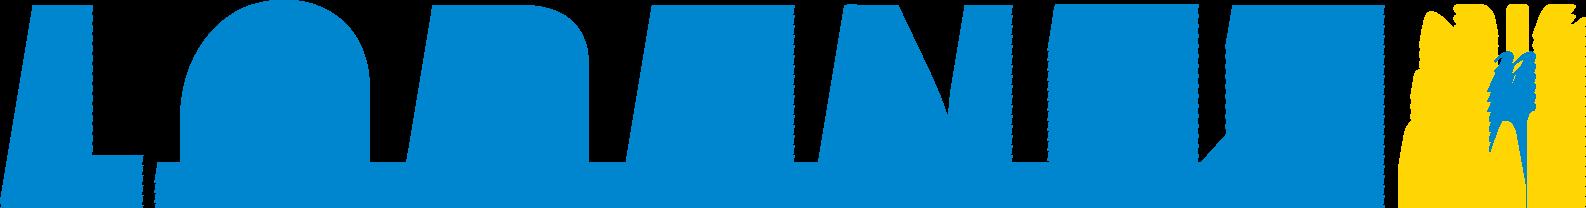 lorentz_logo